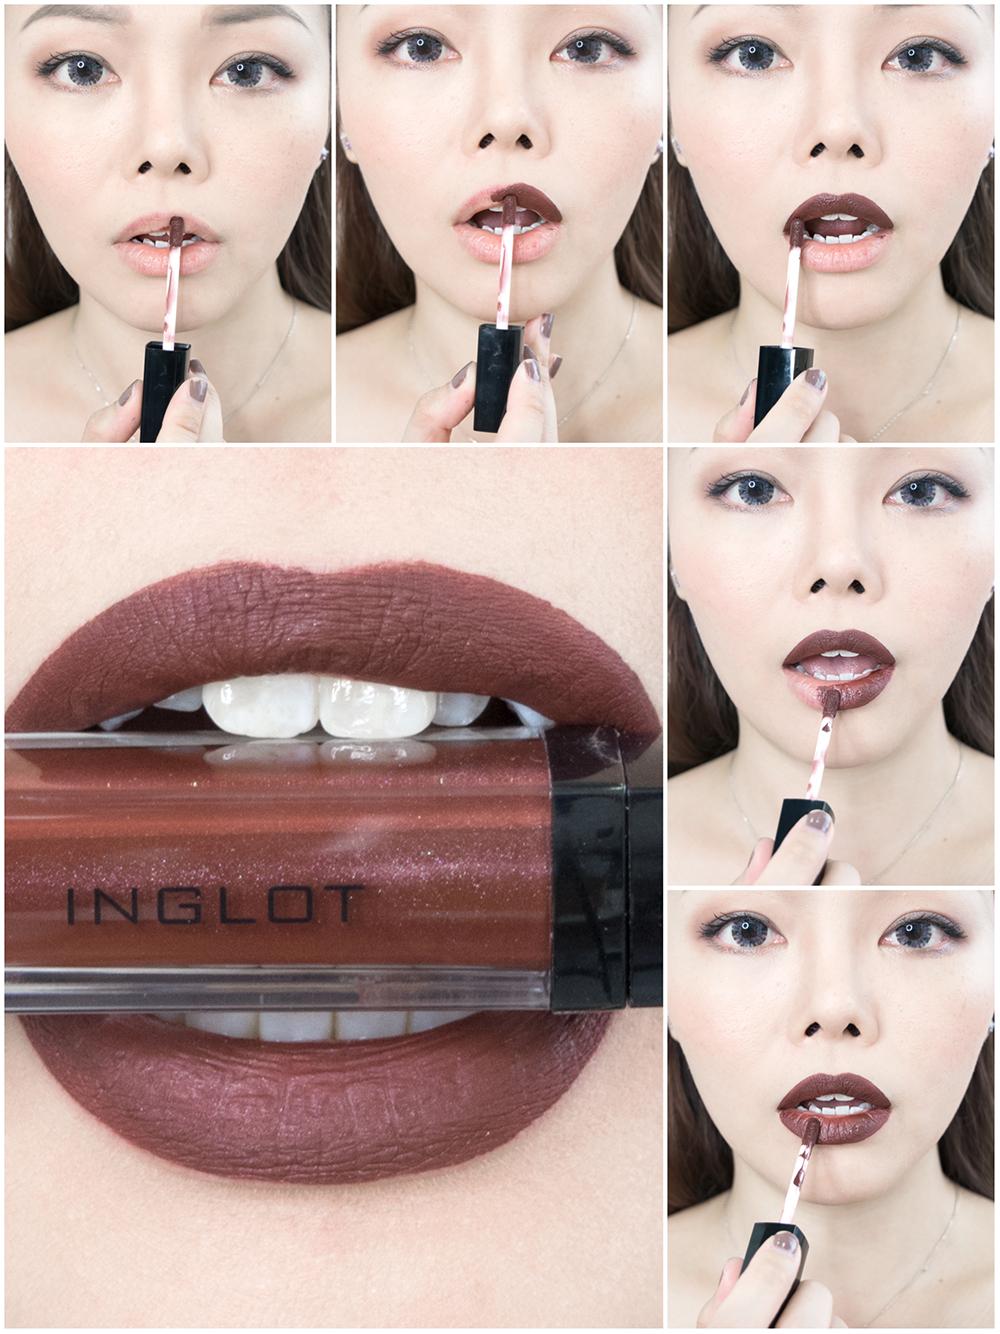 Inglot HD Lip Tint Matte in Shade 18